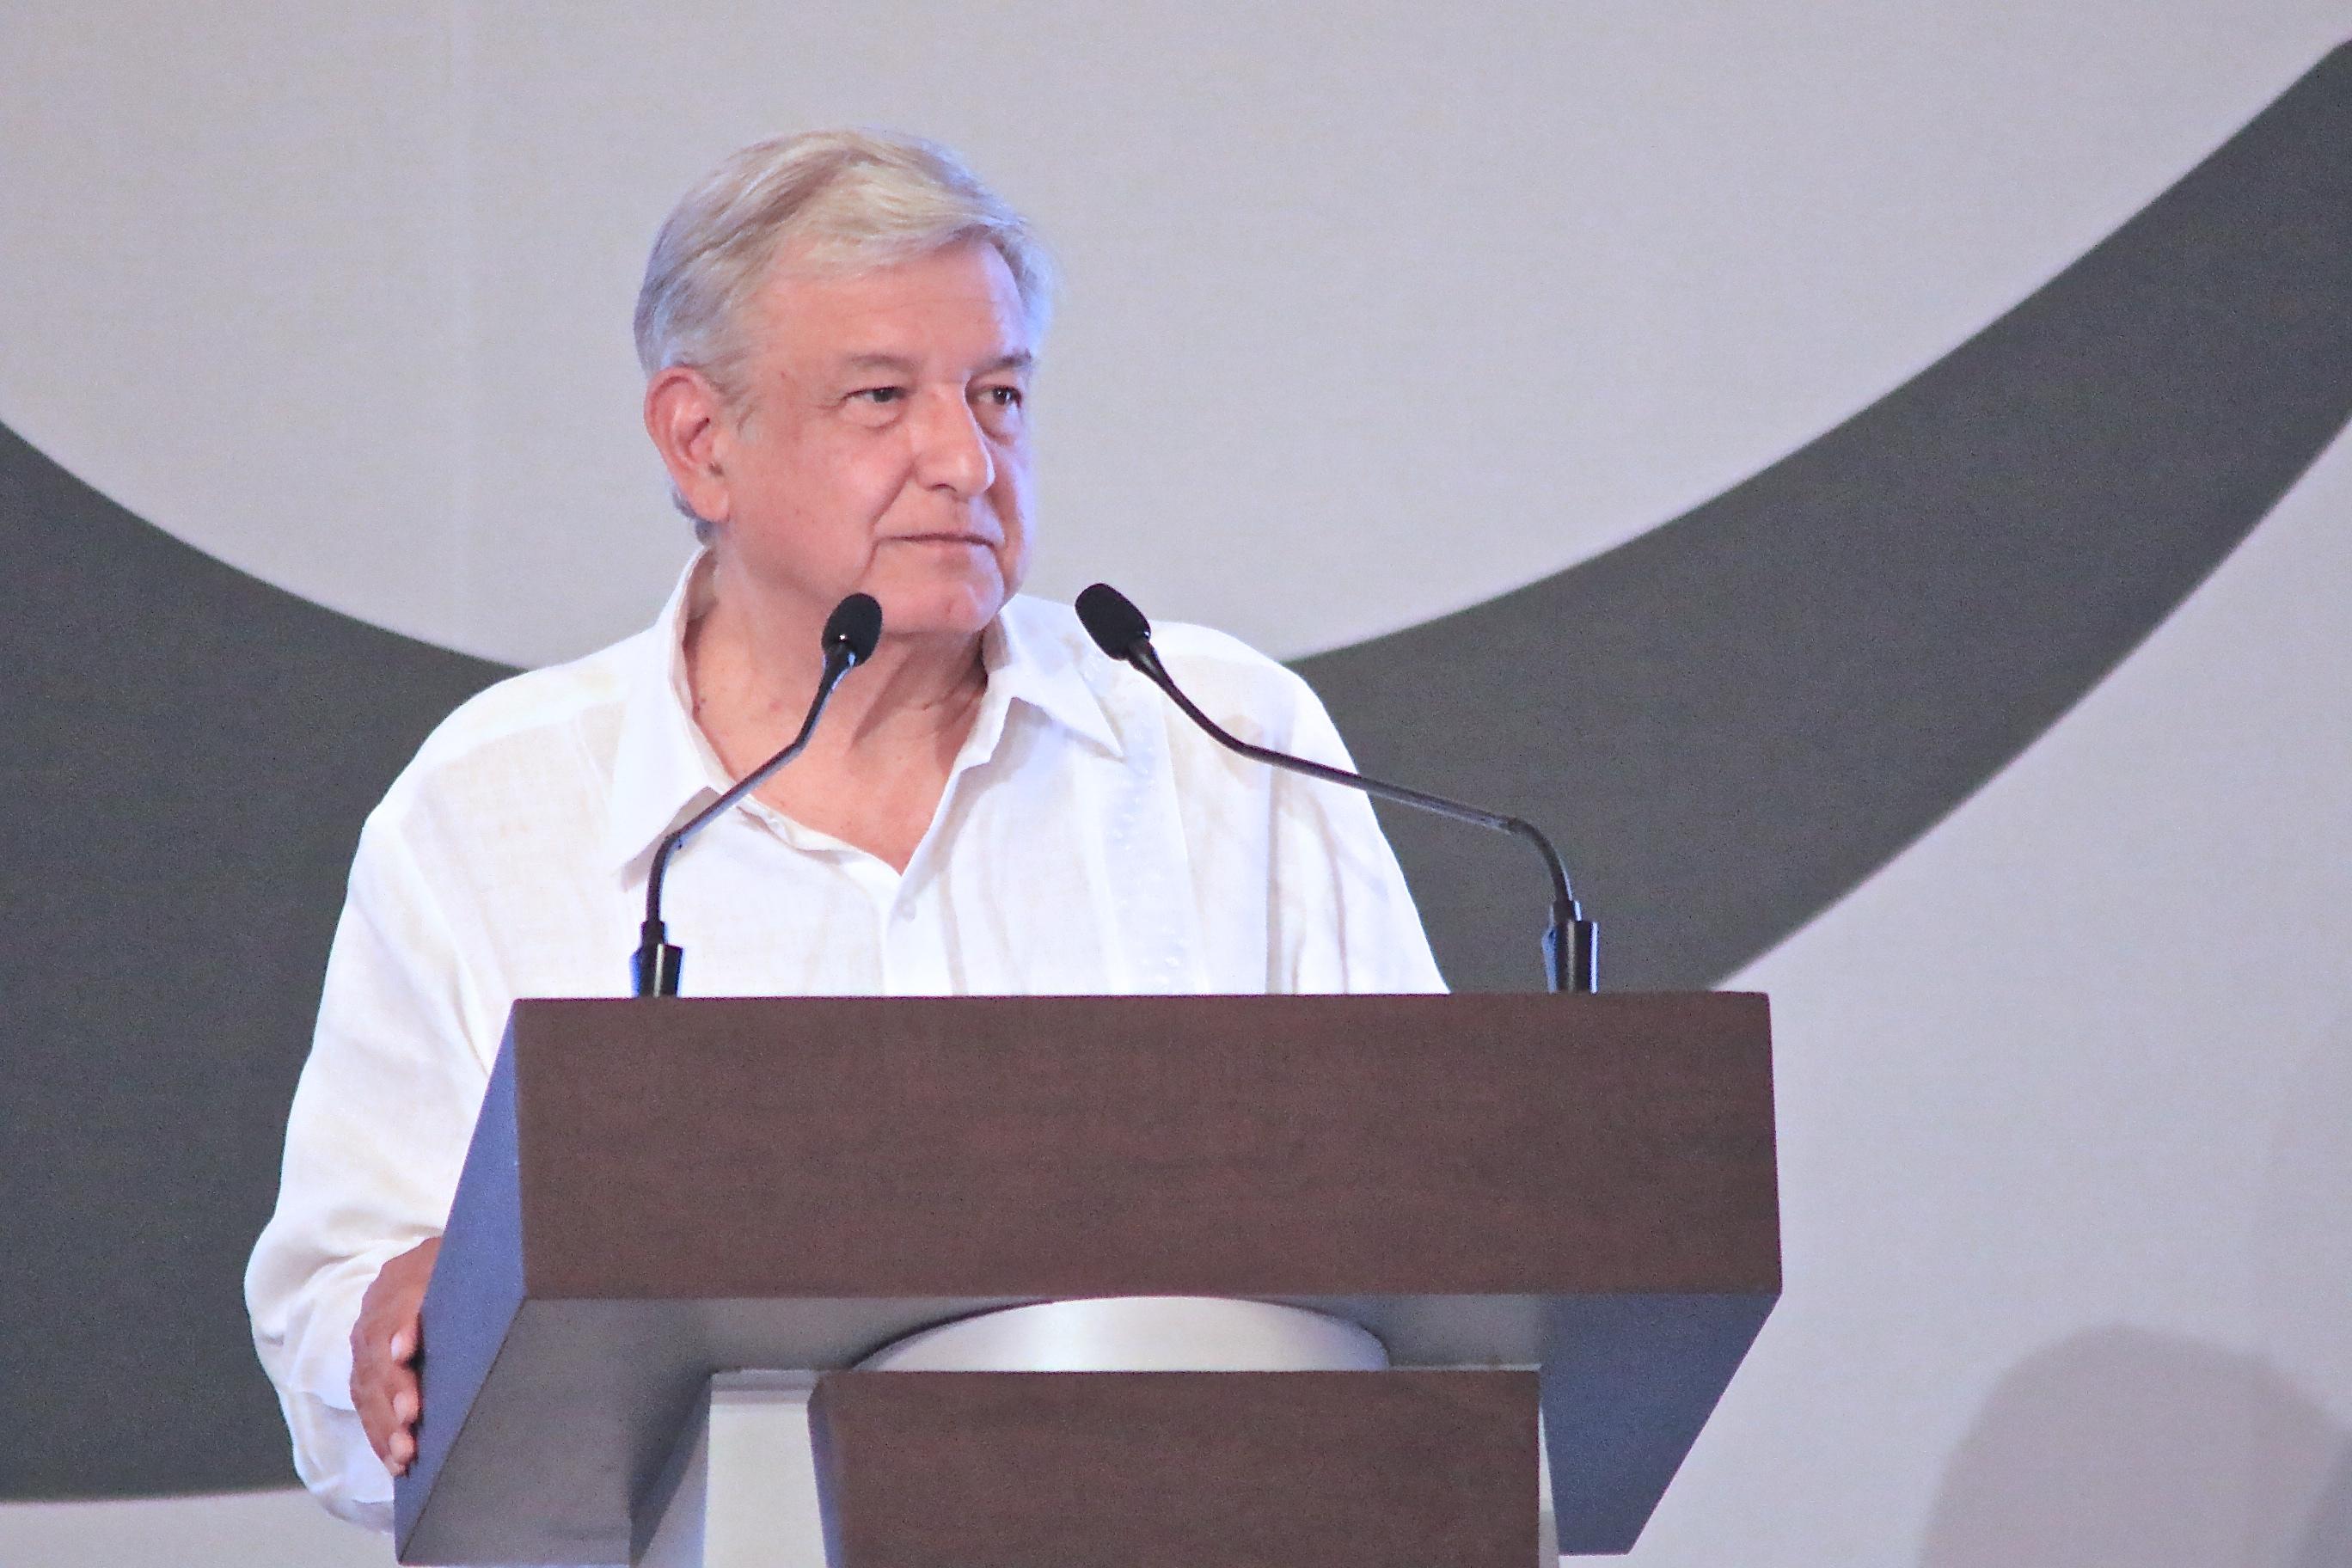 Secretaría de Salud se mudaría a Acapulco: AMLO